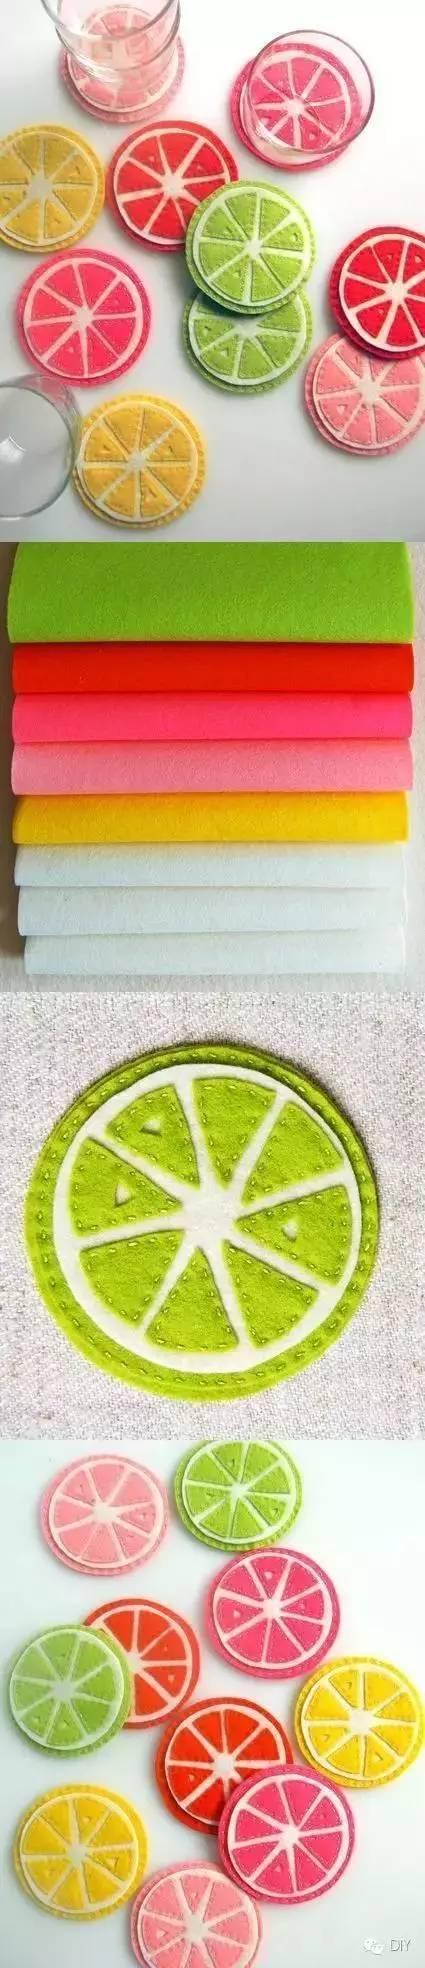 水果剪纸步骤图解法